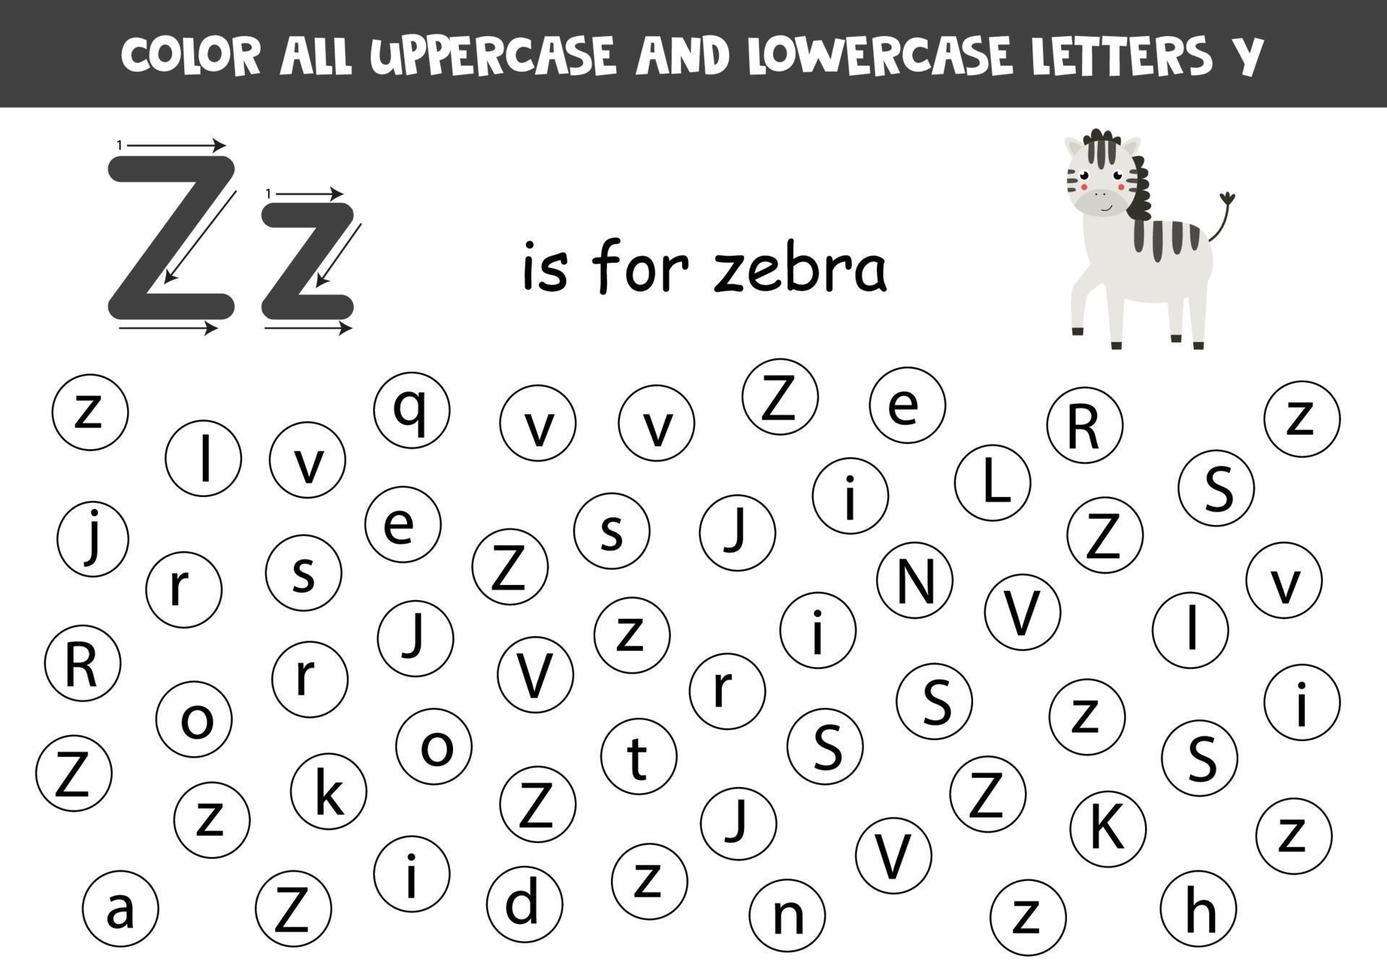 encontre e pinte todas as letras z. jogos de alfabeto para crianças. vetor